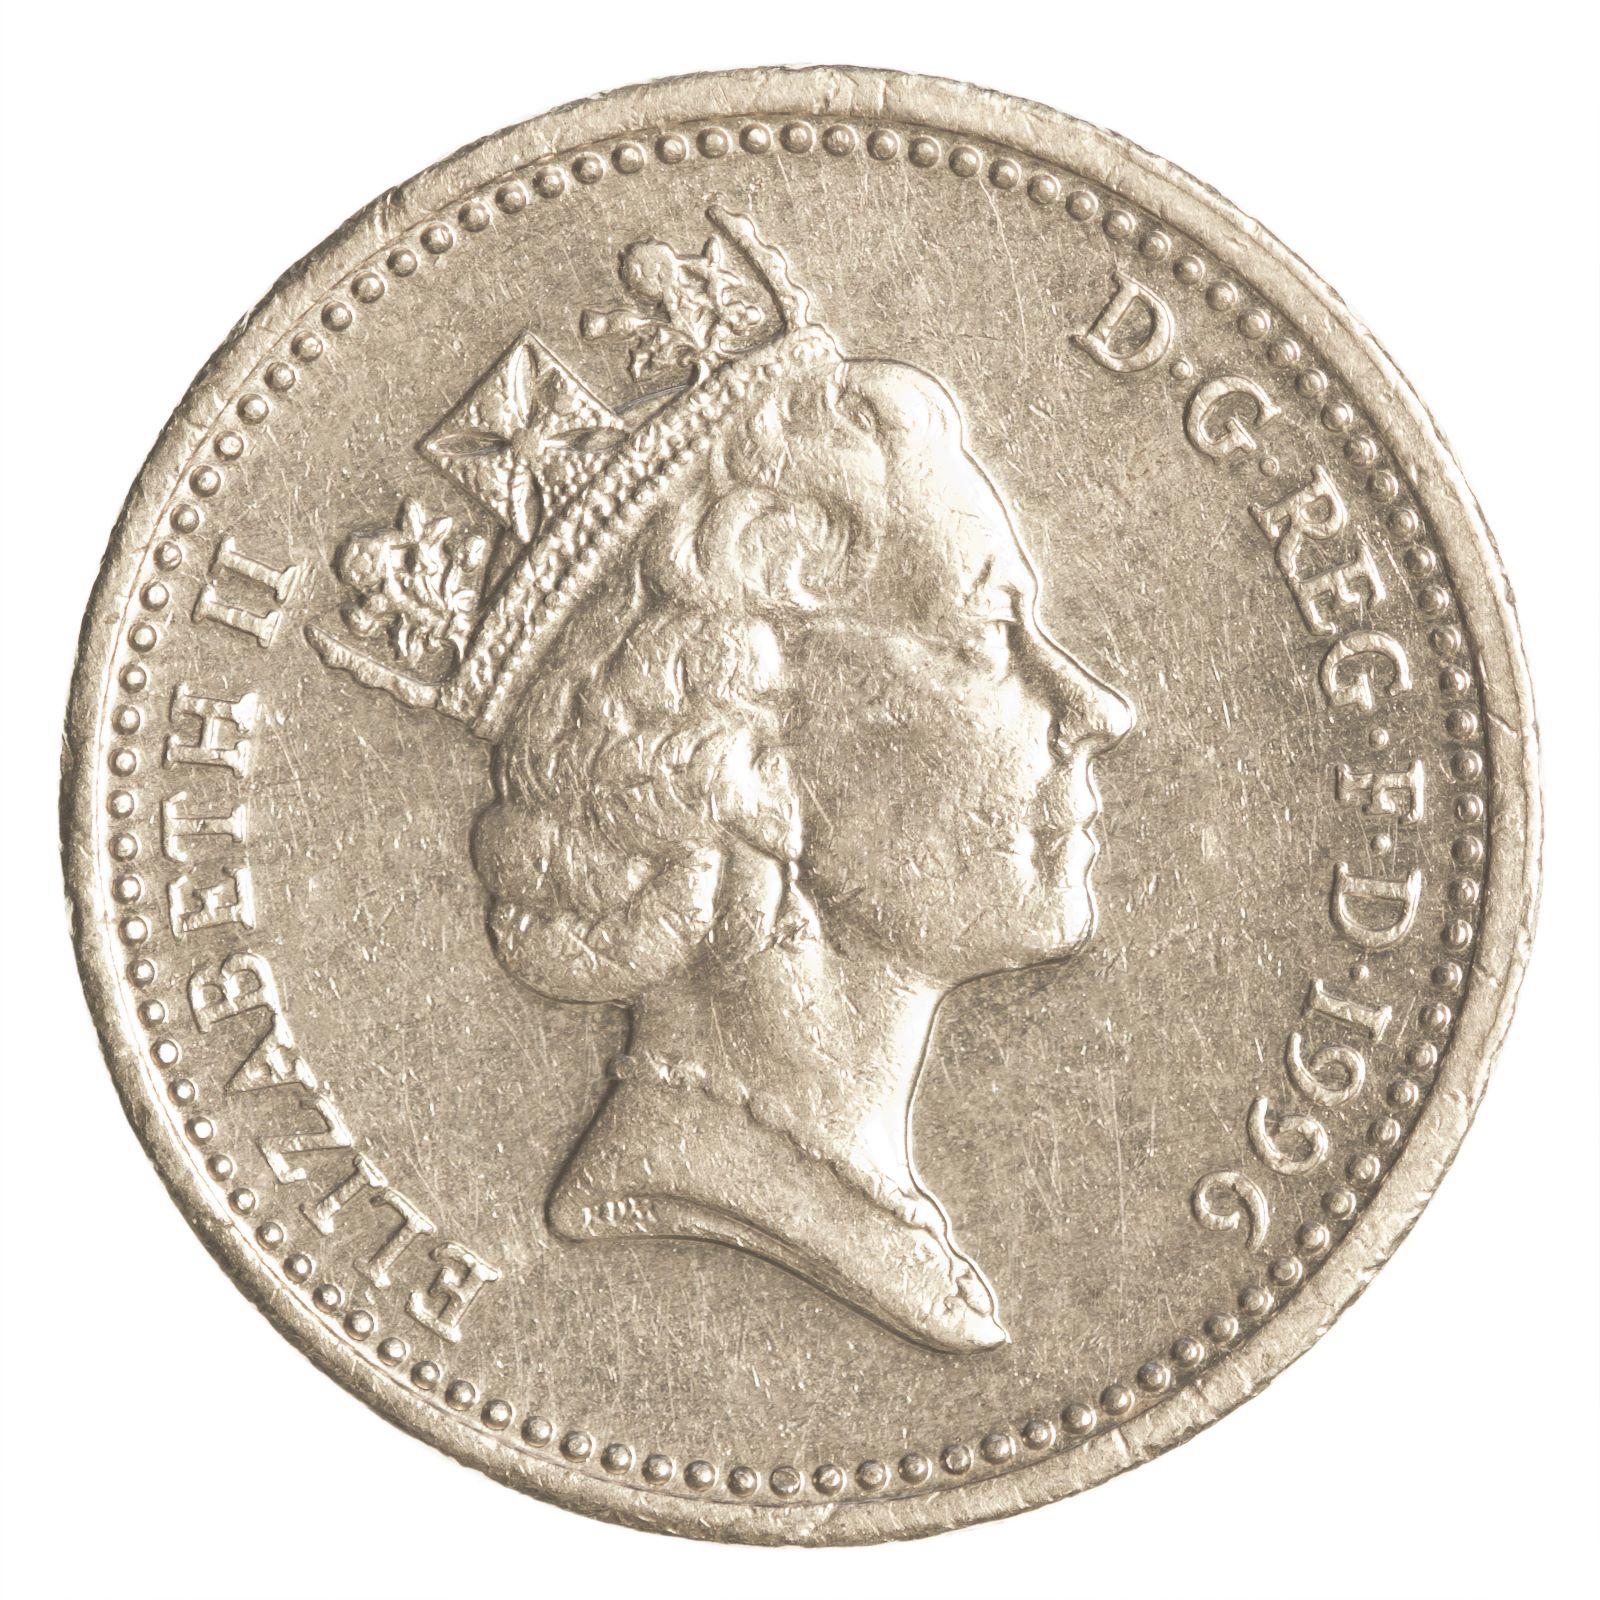 Ein Pfund-Silbermünze der britischen Währung Pfund Sterling